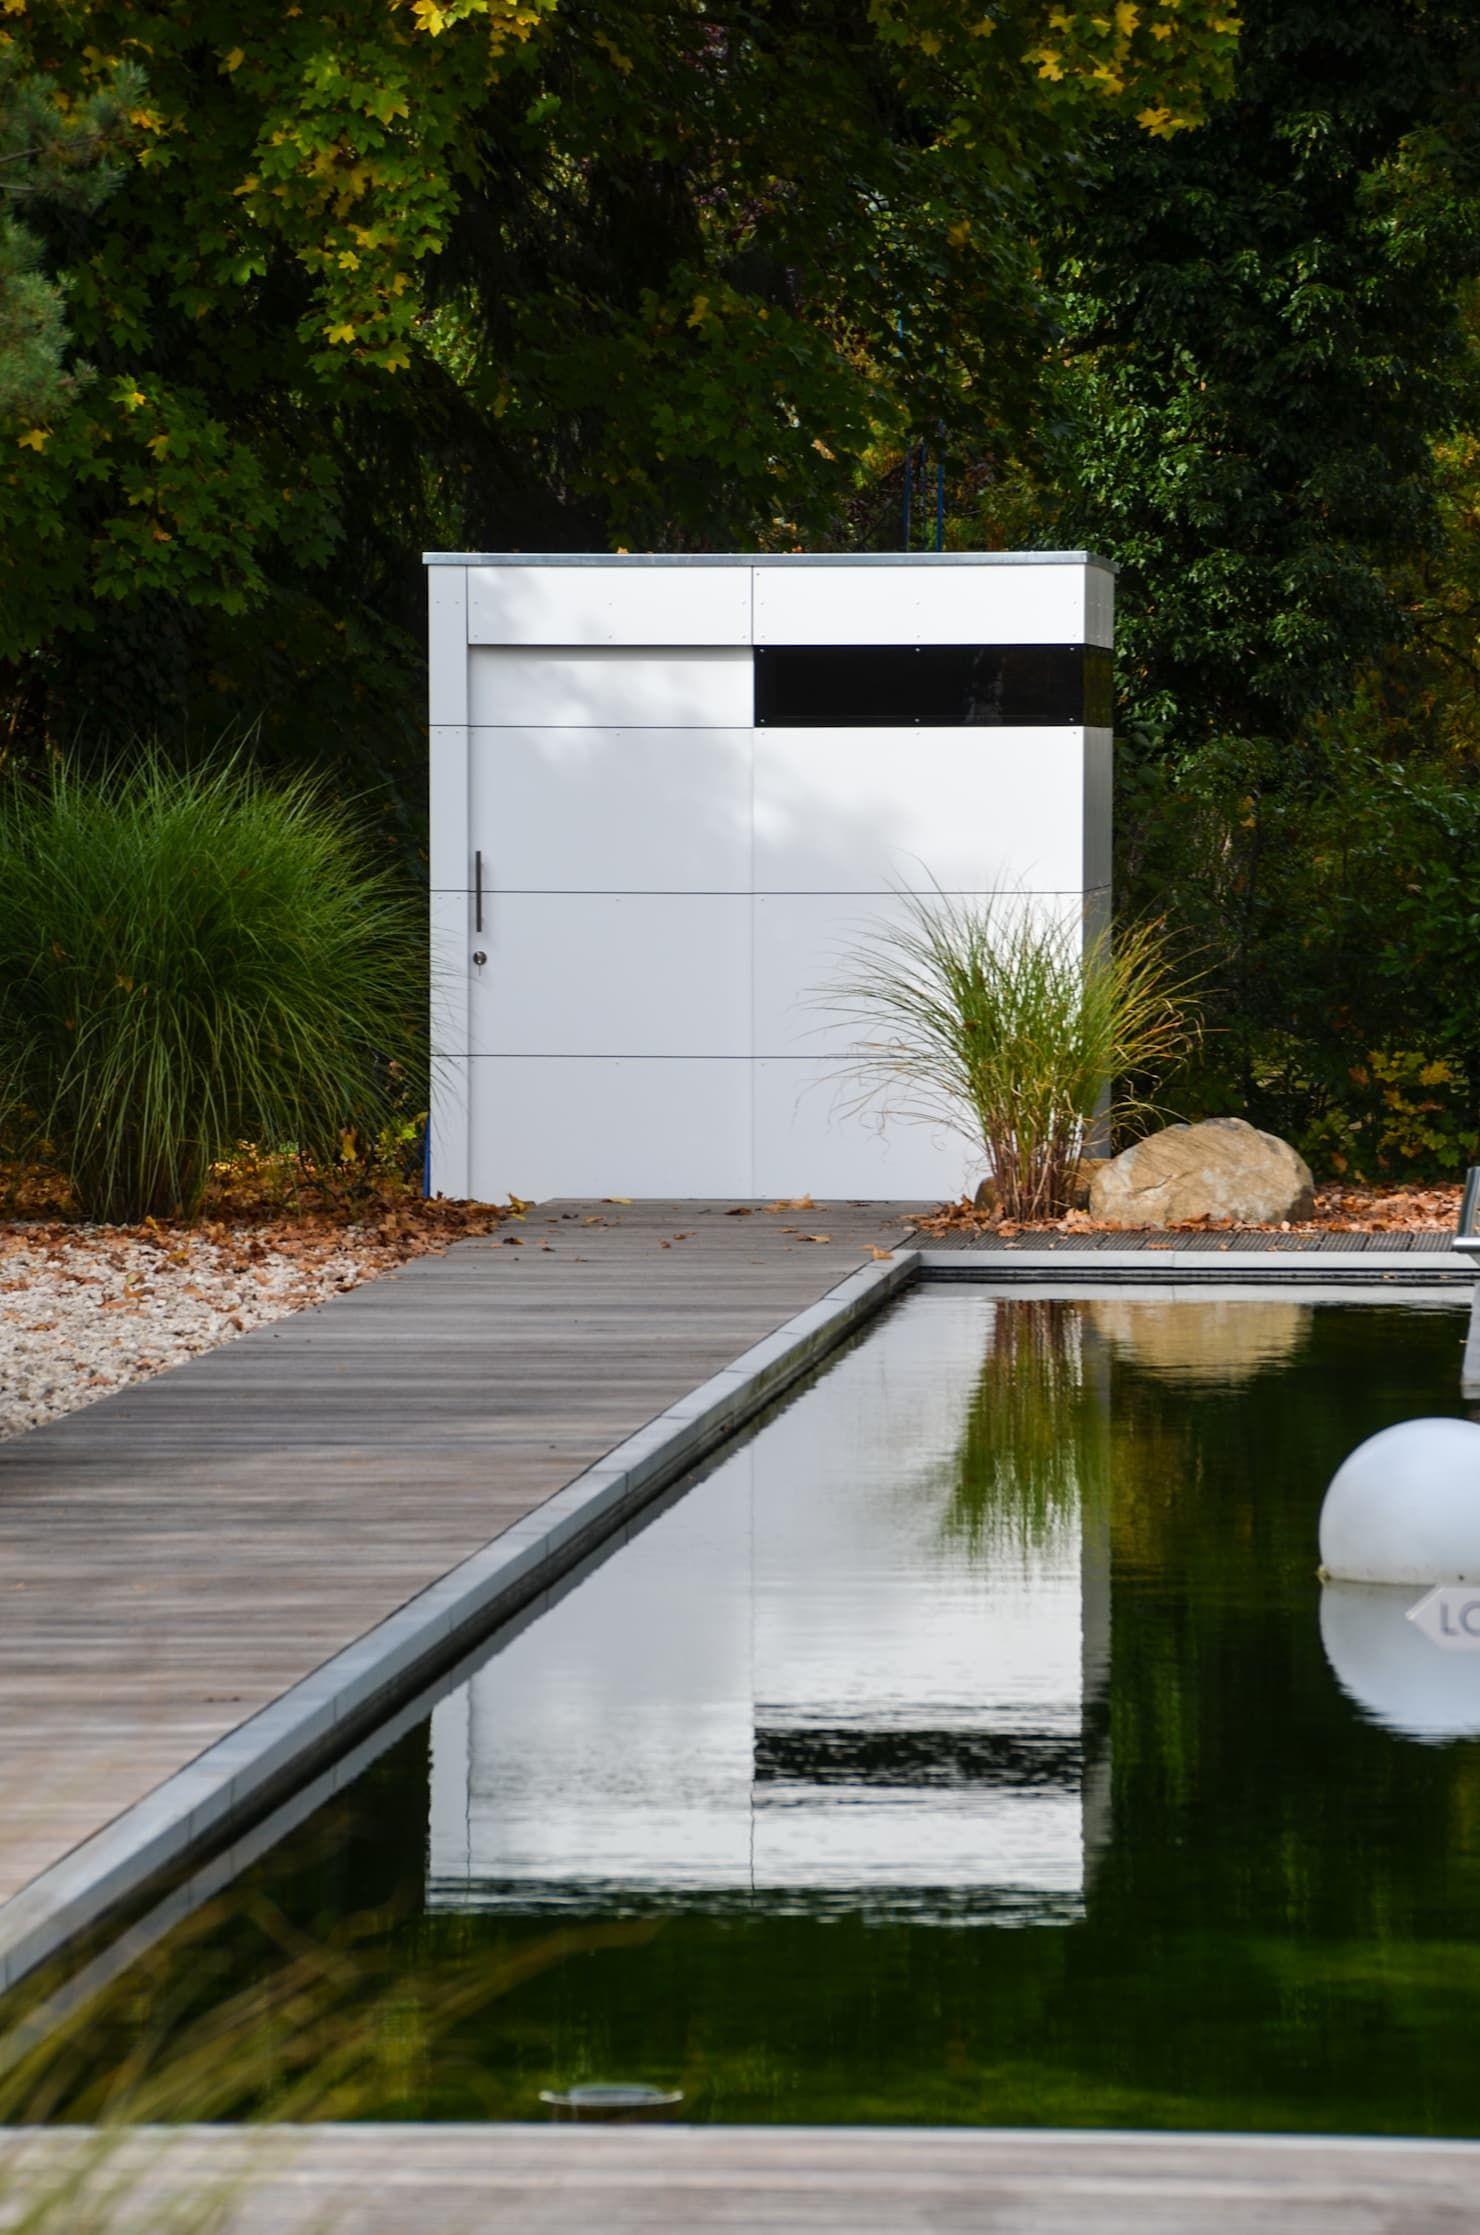 Gartenhaus @gart zwei – münchen minimalistischer garten von design@garten – alfred hart – design gartenhaus und balkonschraenke aus augsburg minimalistisch holz-kunststoff-verbund | homify